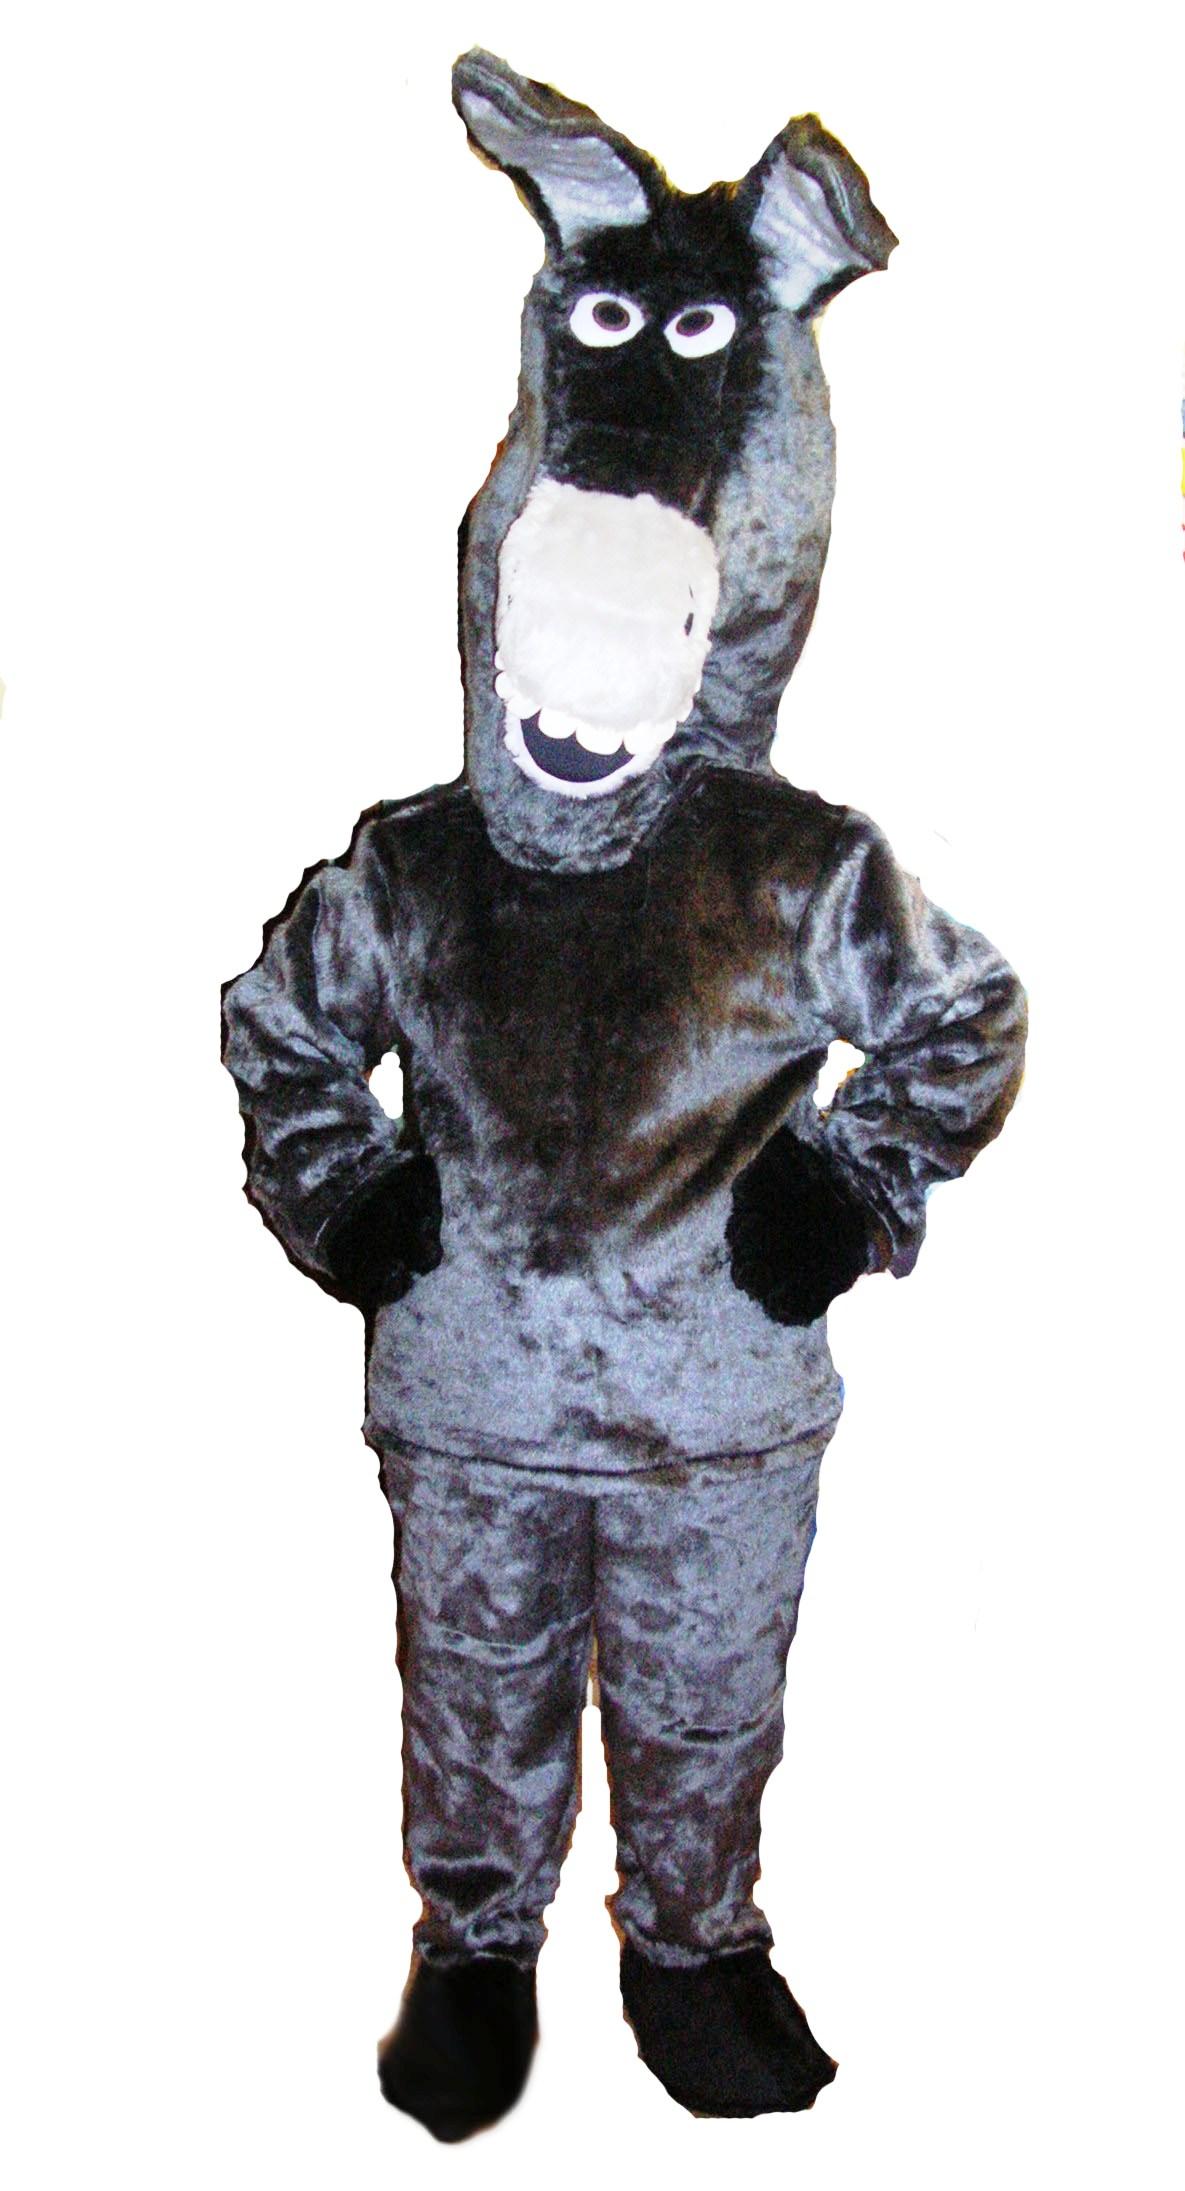 Donkey Outfit, 2 person Donkey Costume, Style of Shrek Donkey